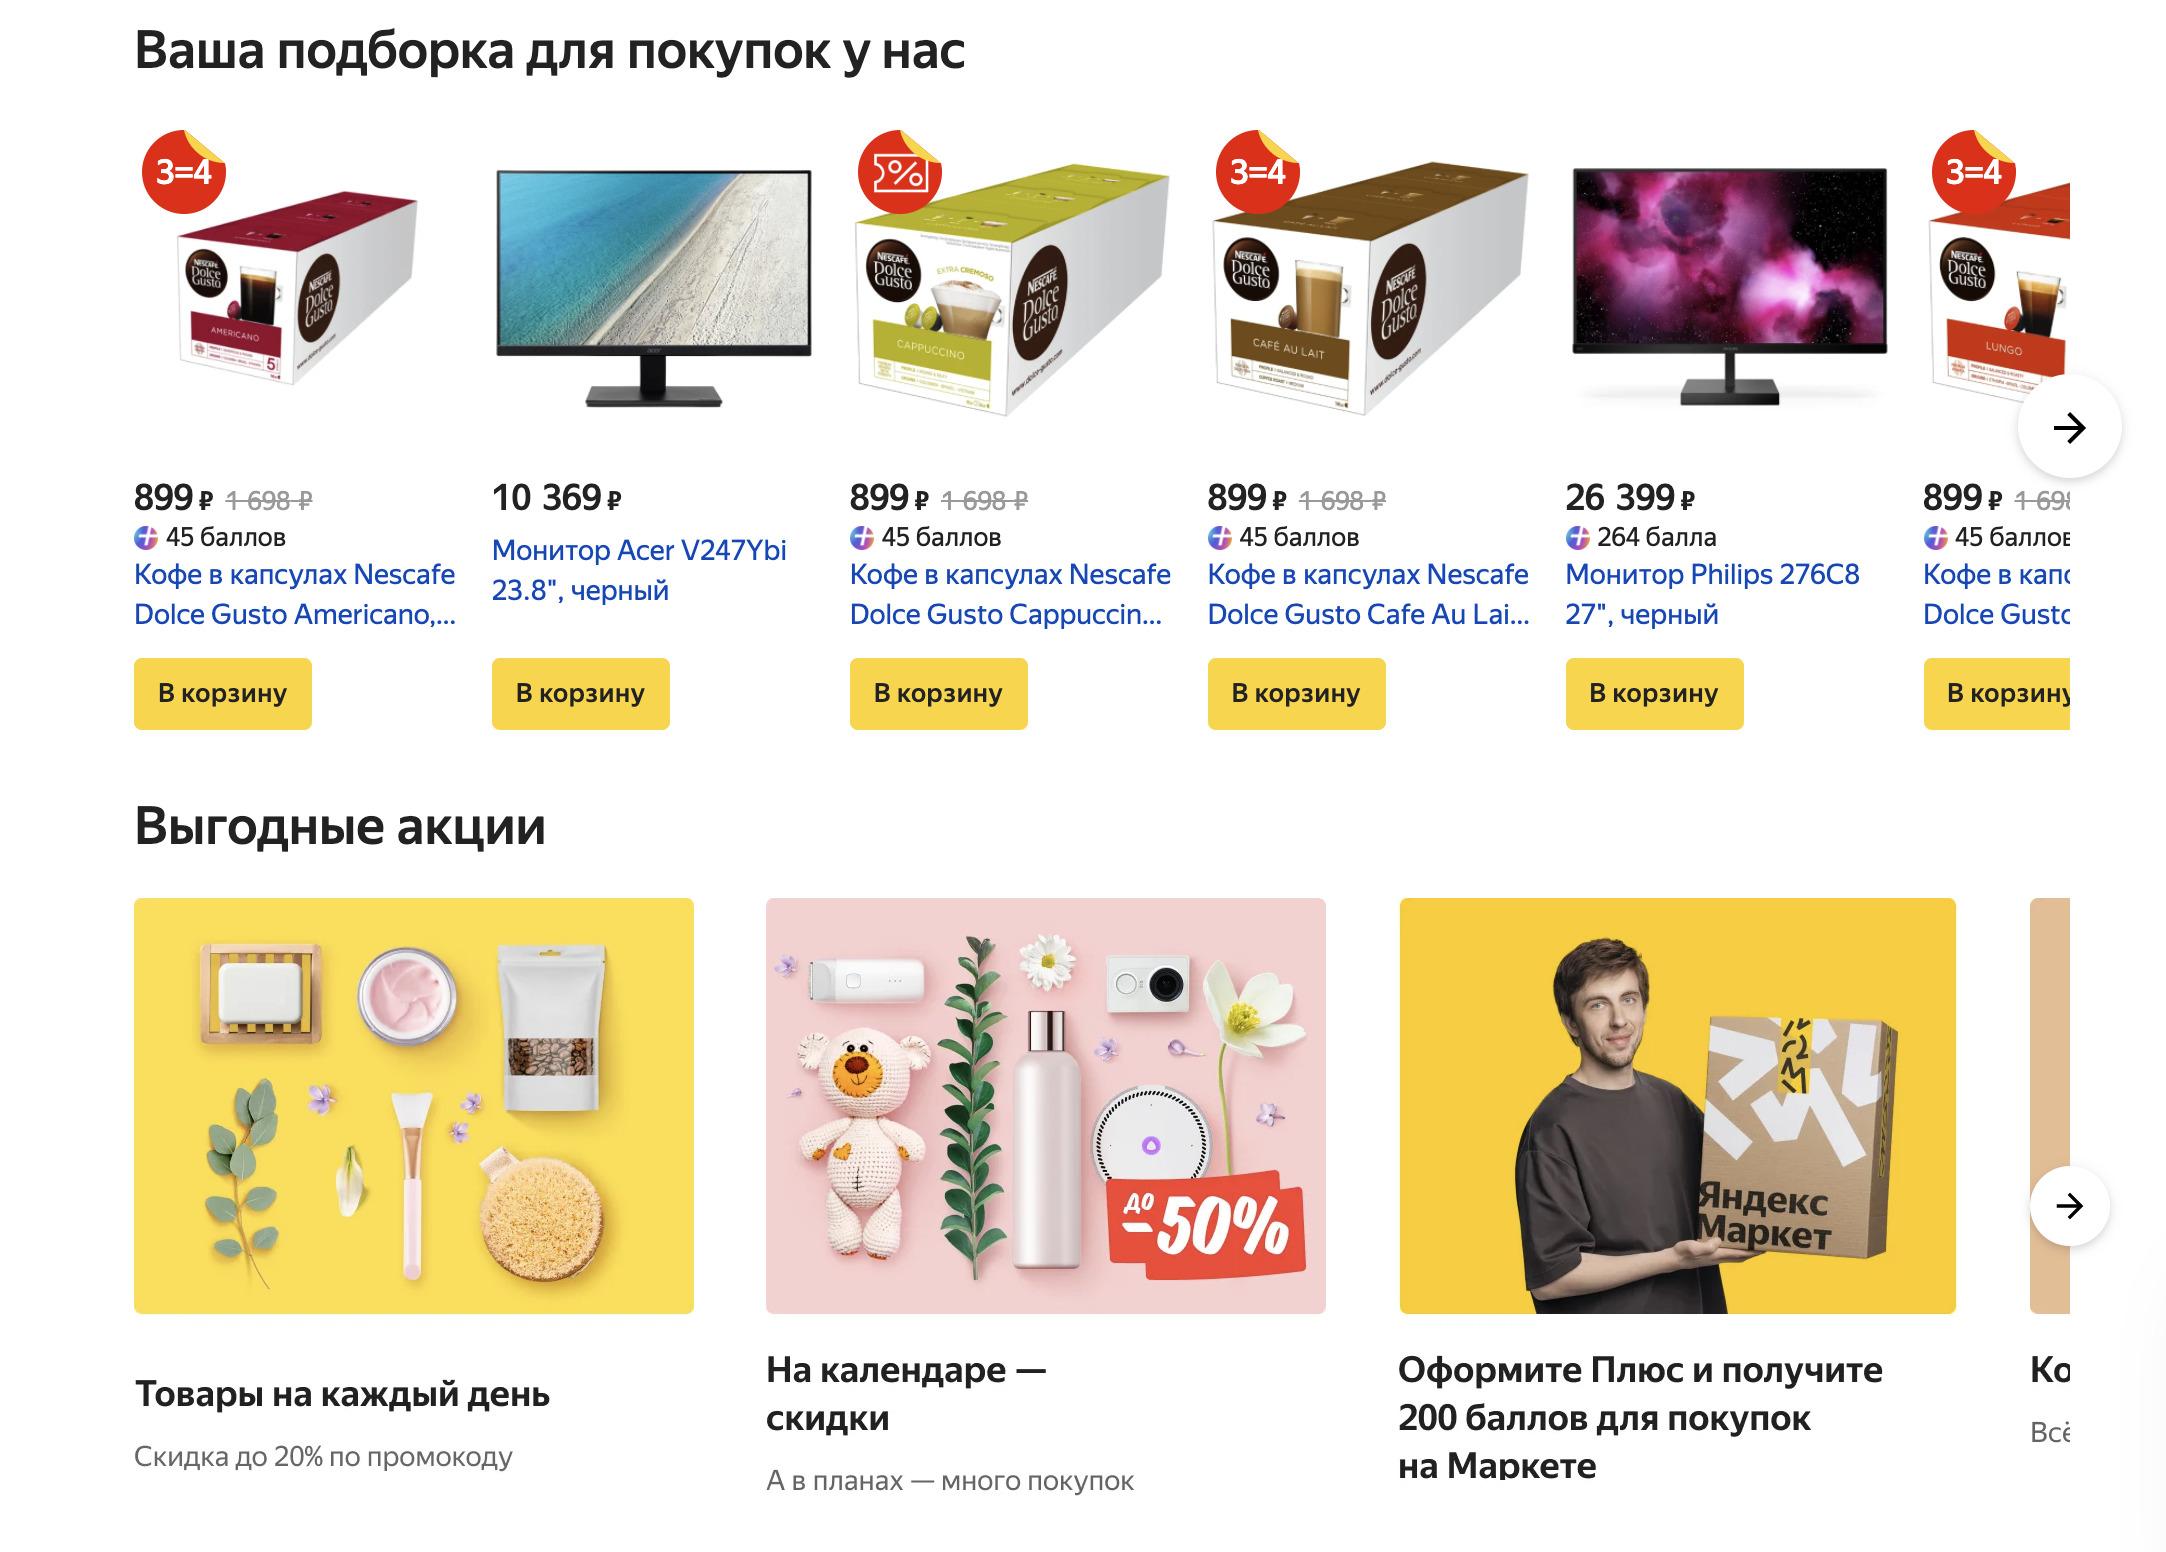 Доставка из Яндекс.Маркет в Брянск, сроки, пункты выдачи, каталог